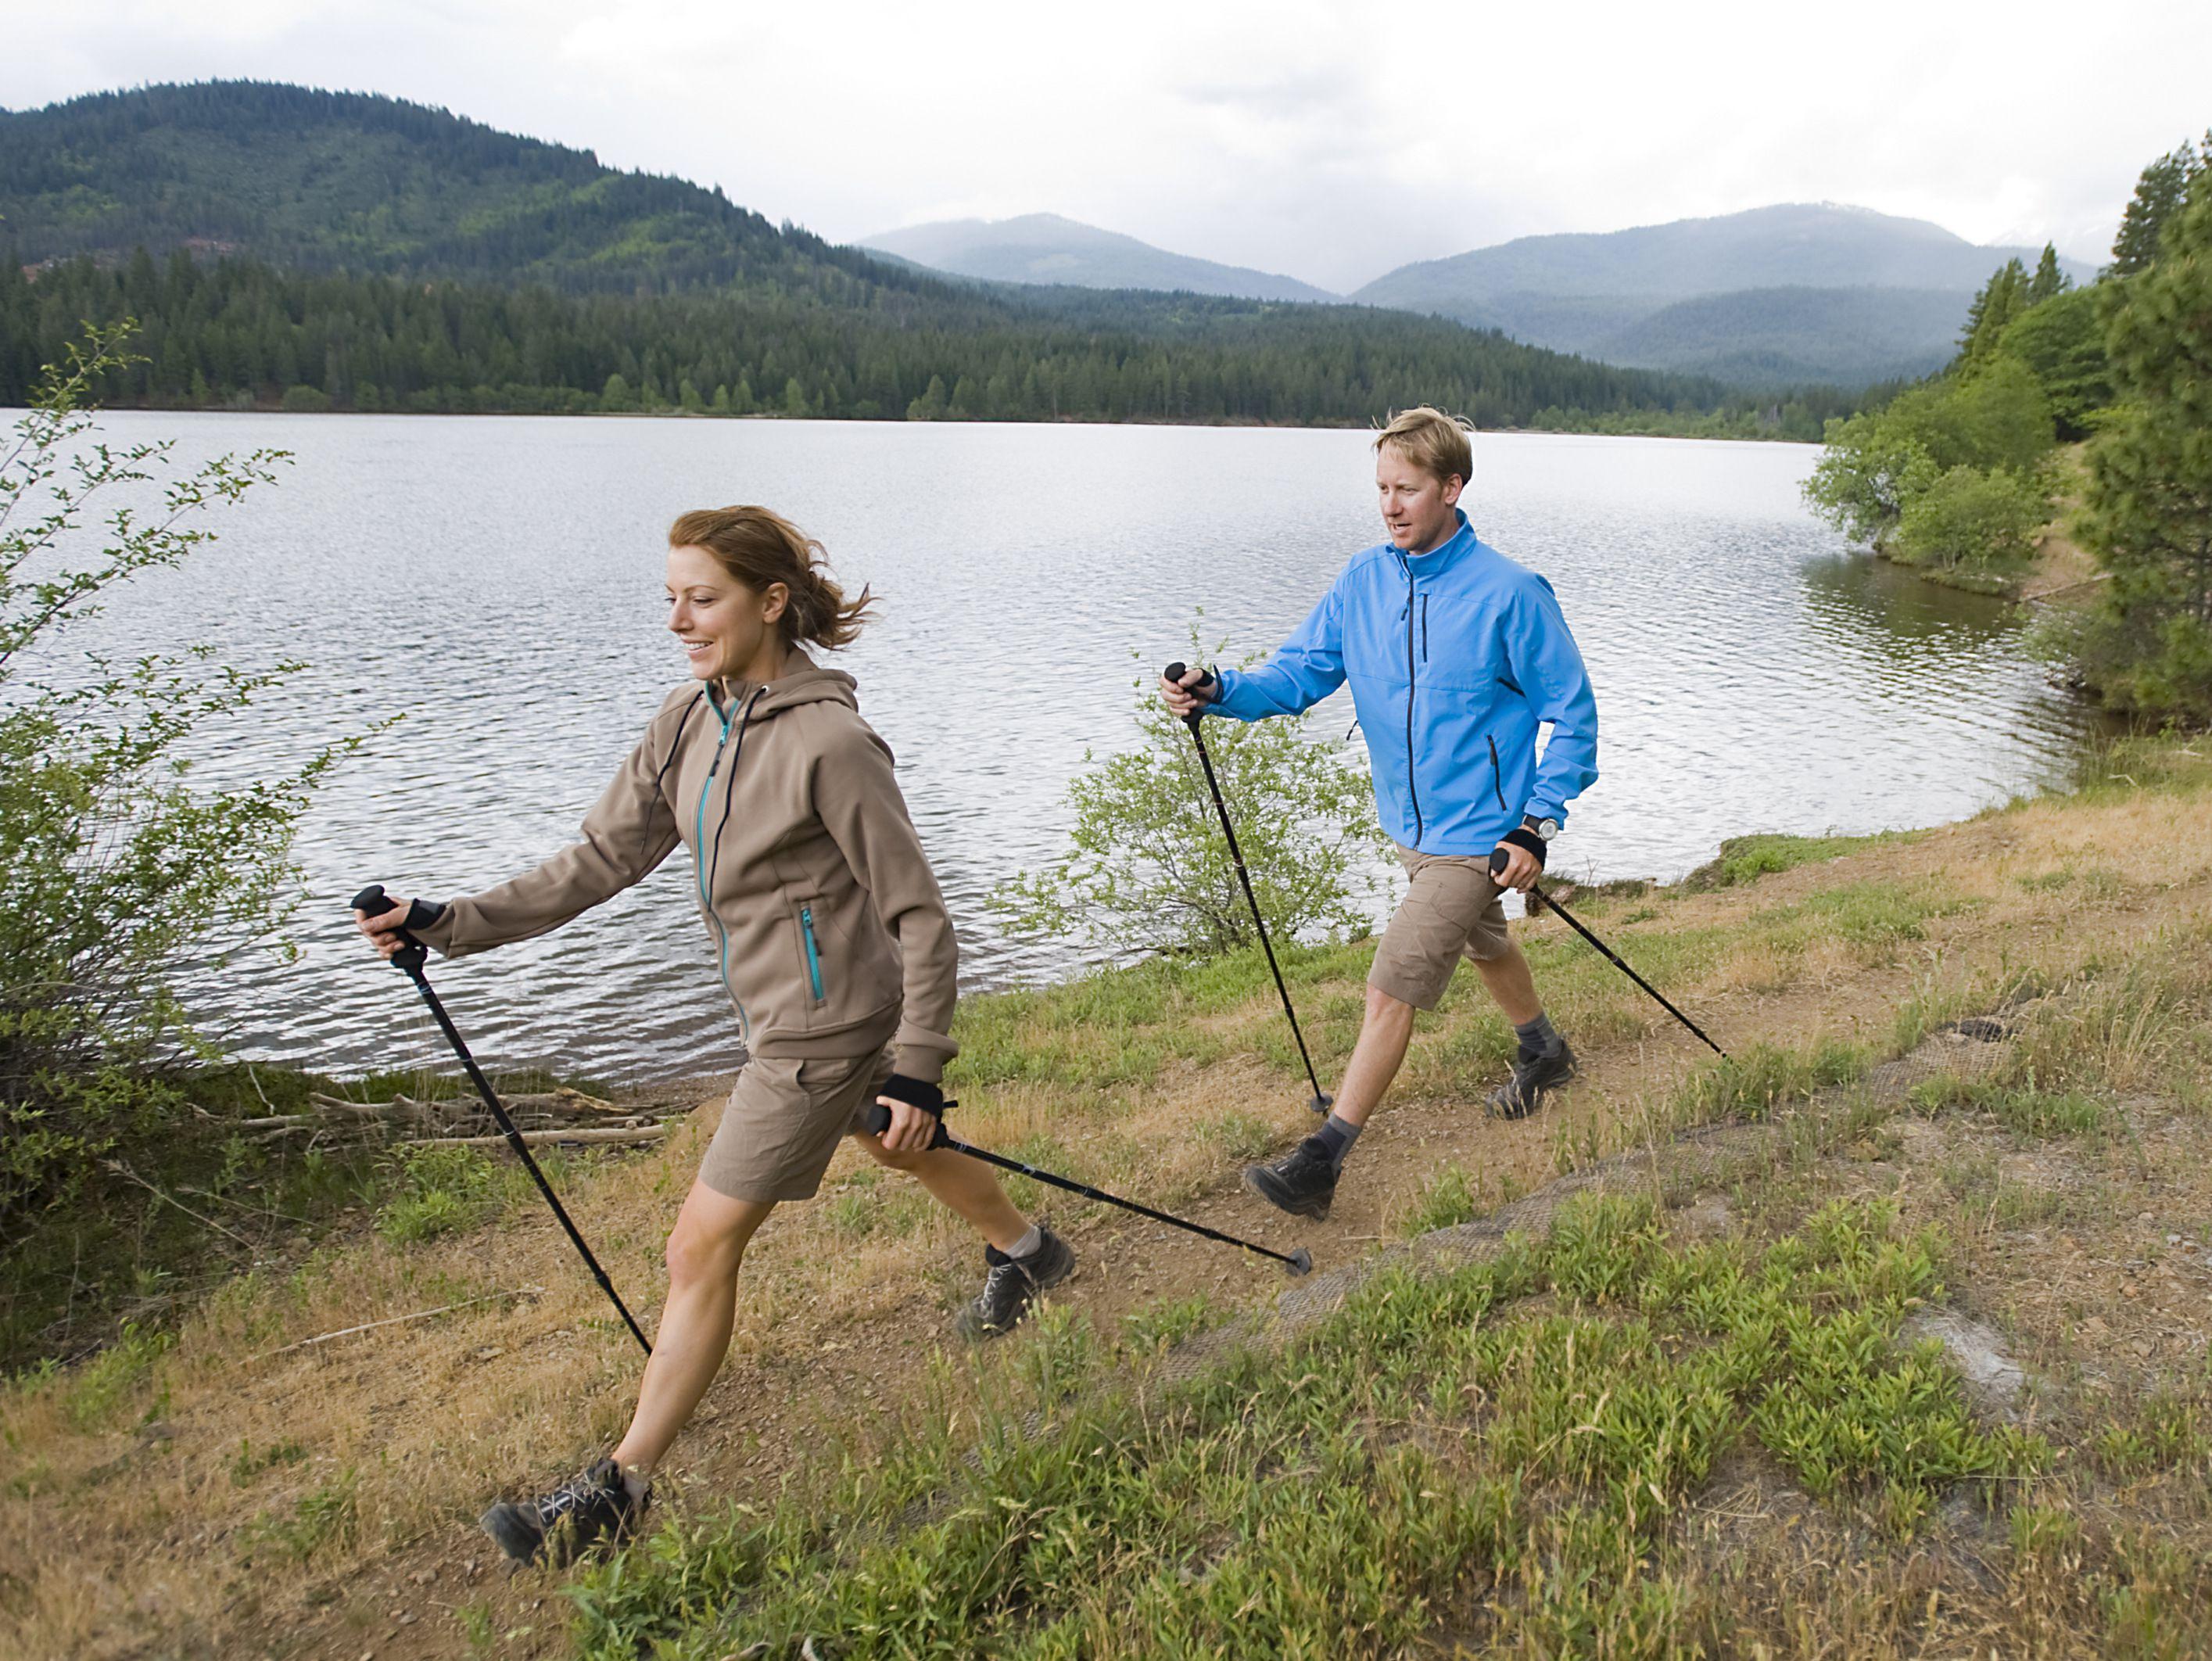 Pareja de marcha nórdica en el lago